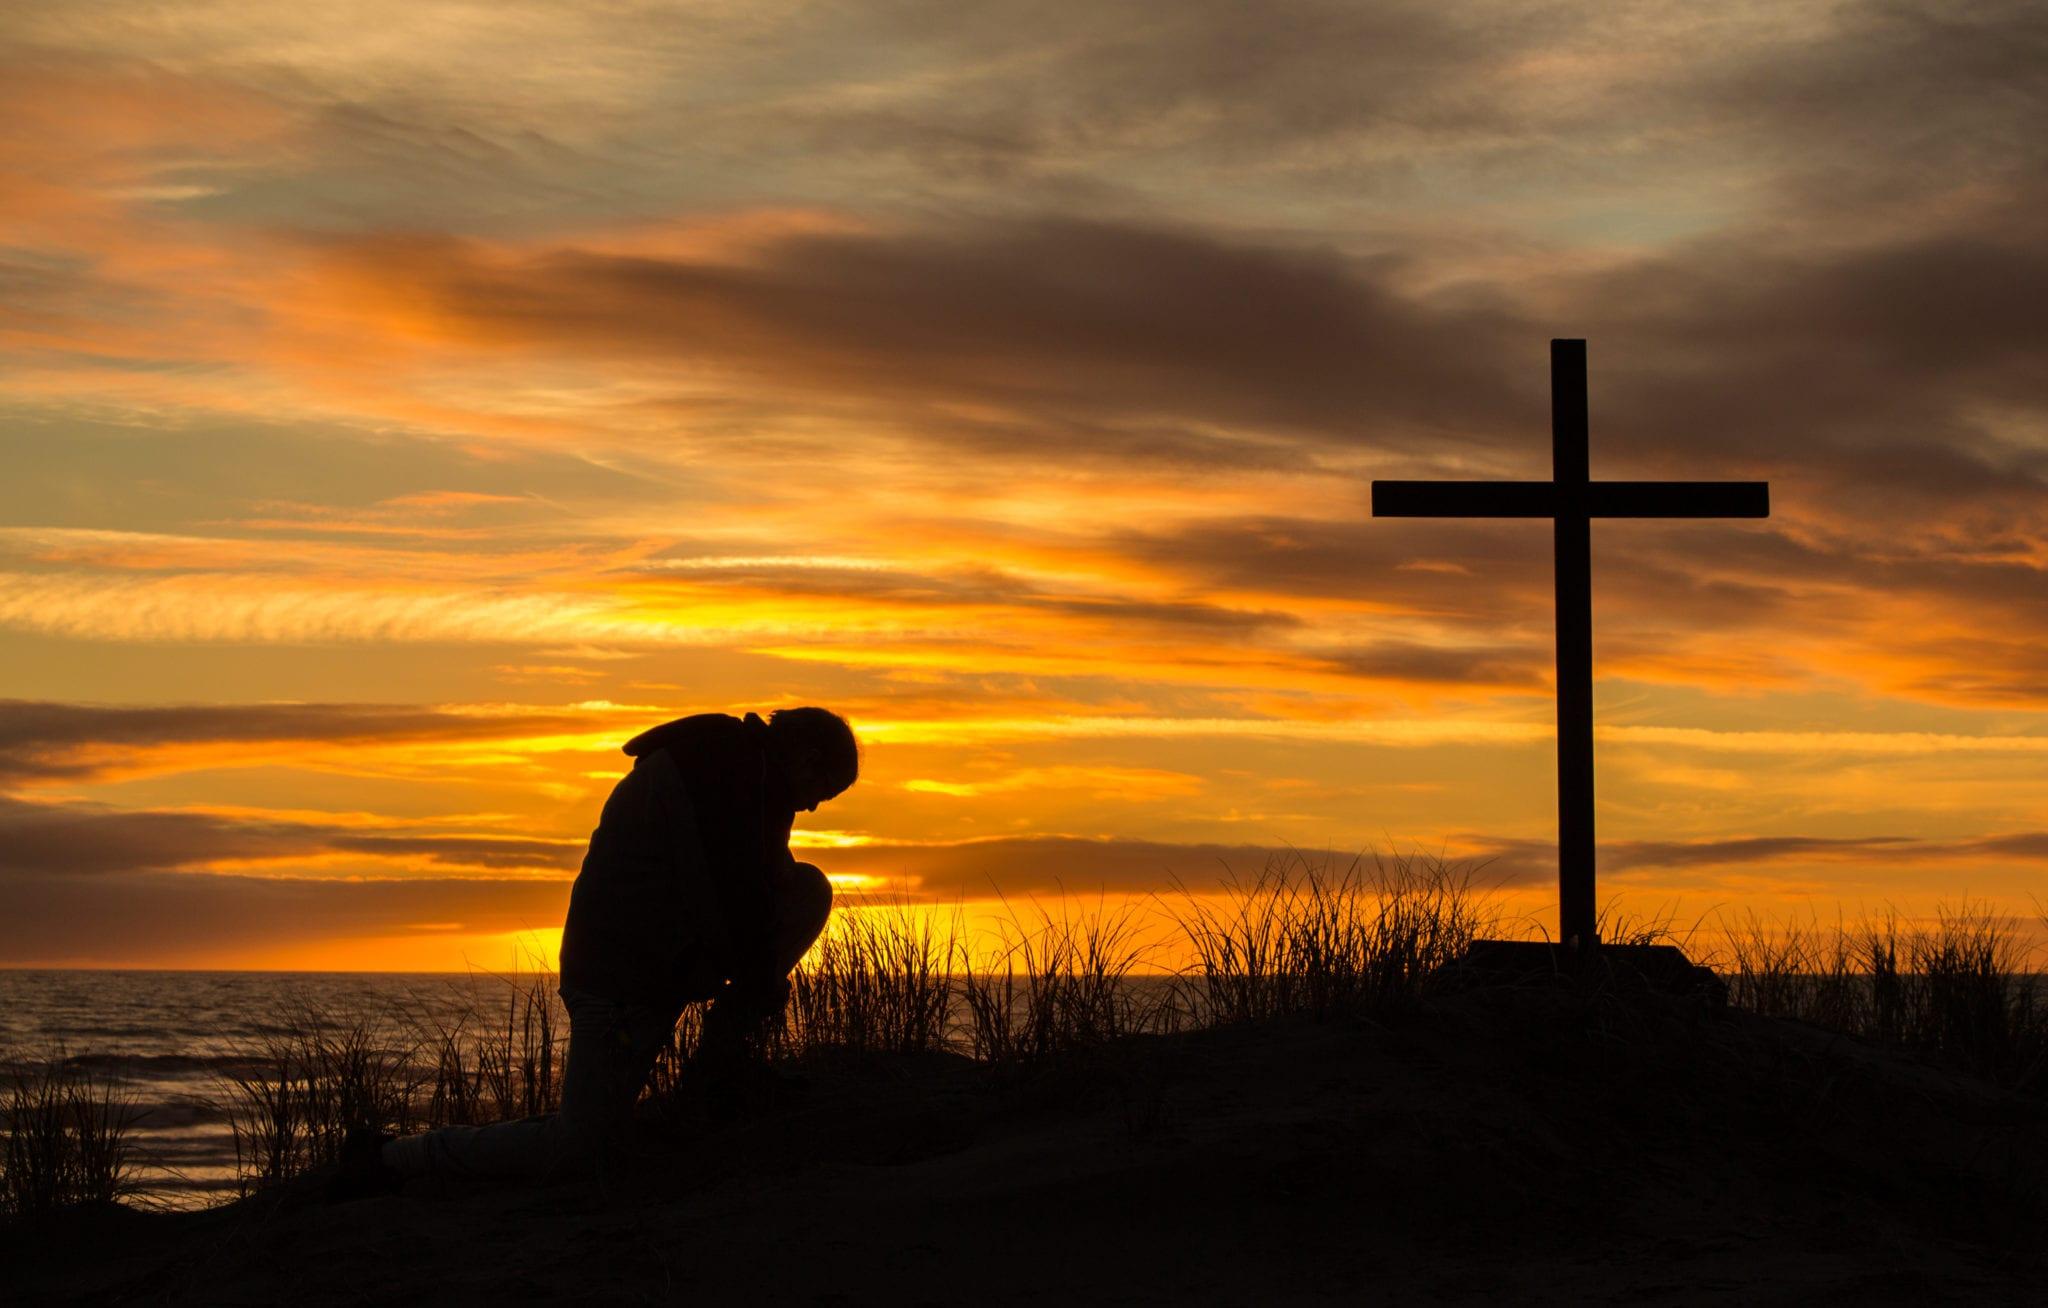 Христианские картинки о прощении, смешные рисунки